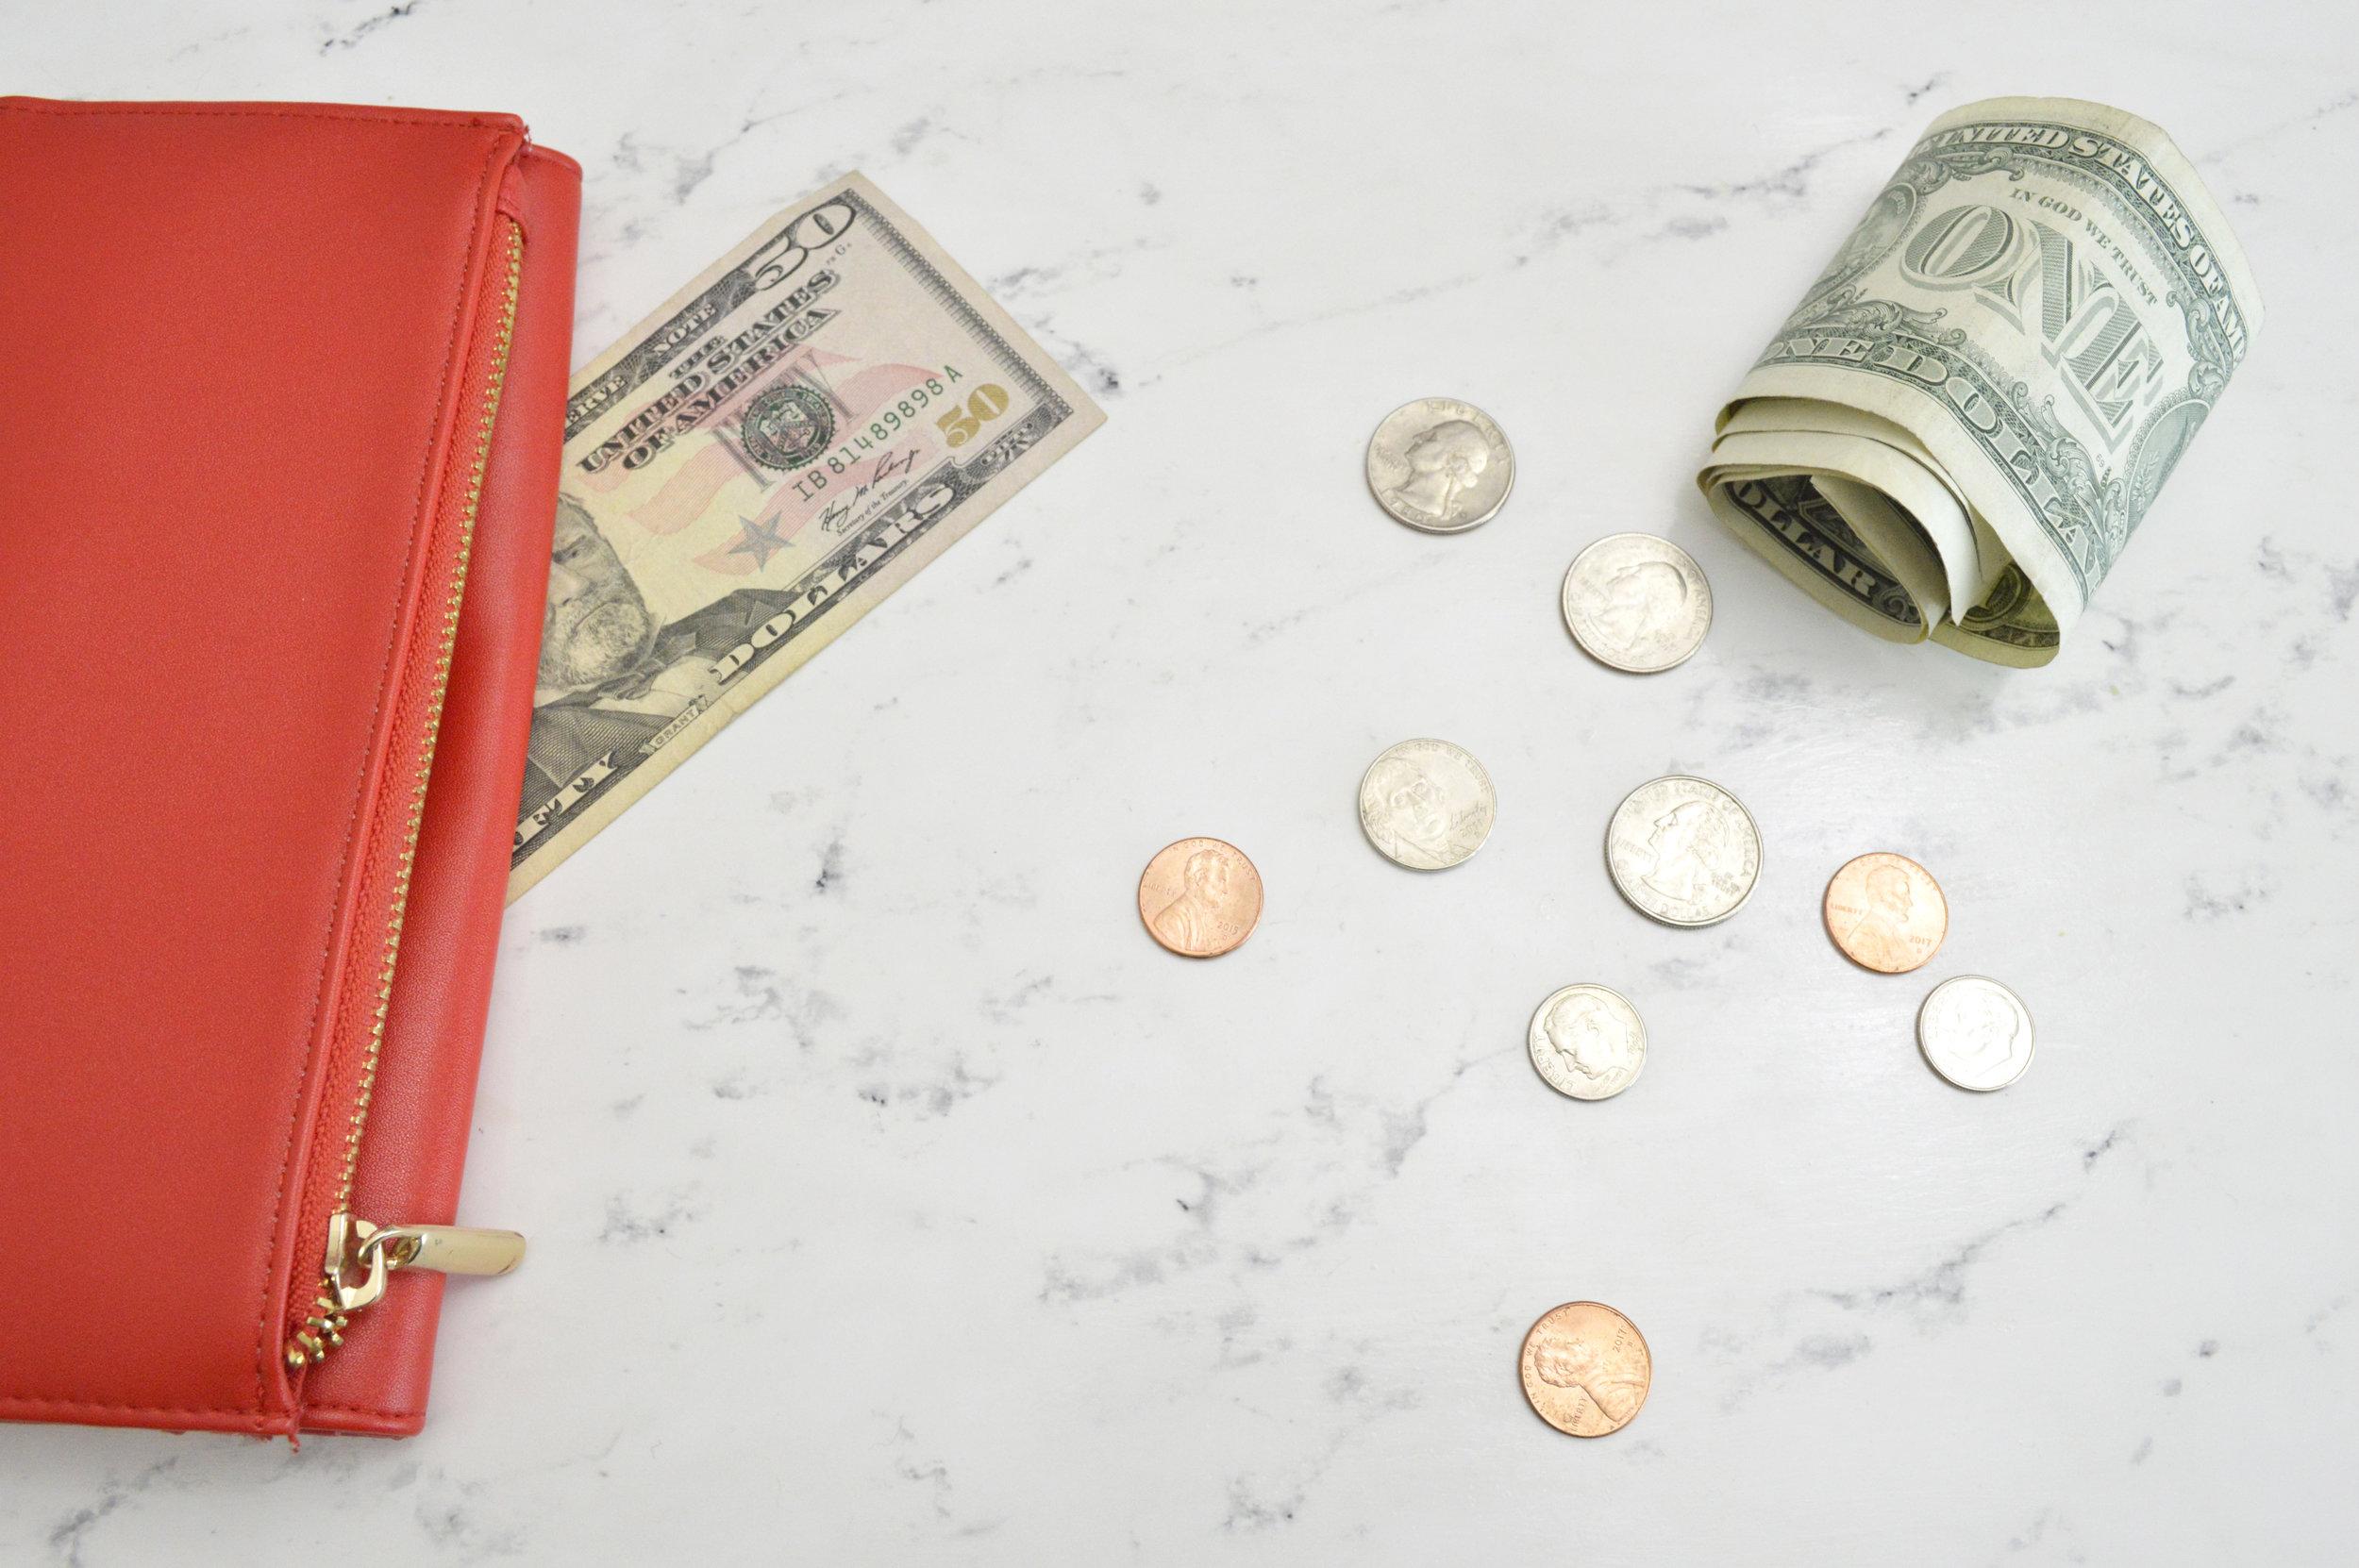 《投資理財》 - 不再只是傳統理財,日新月異的投資眉角報你知,為你創造更多「被動收入」